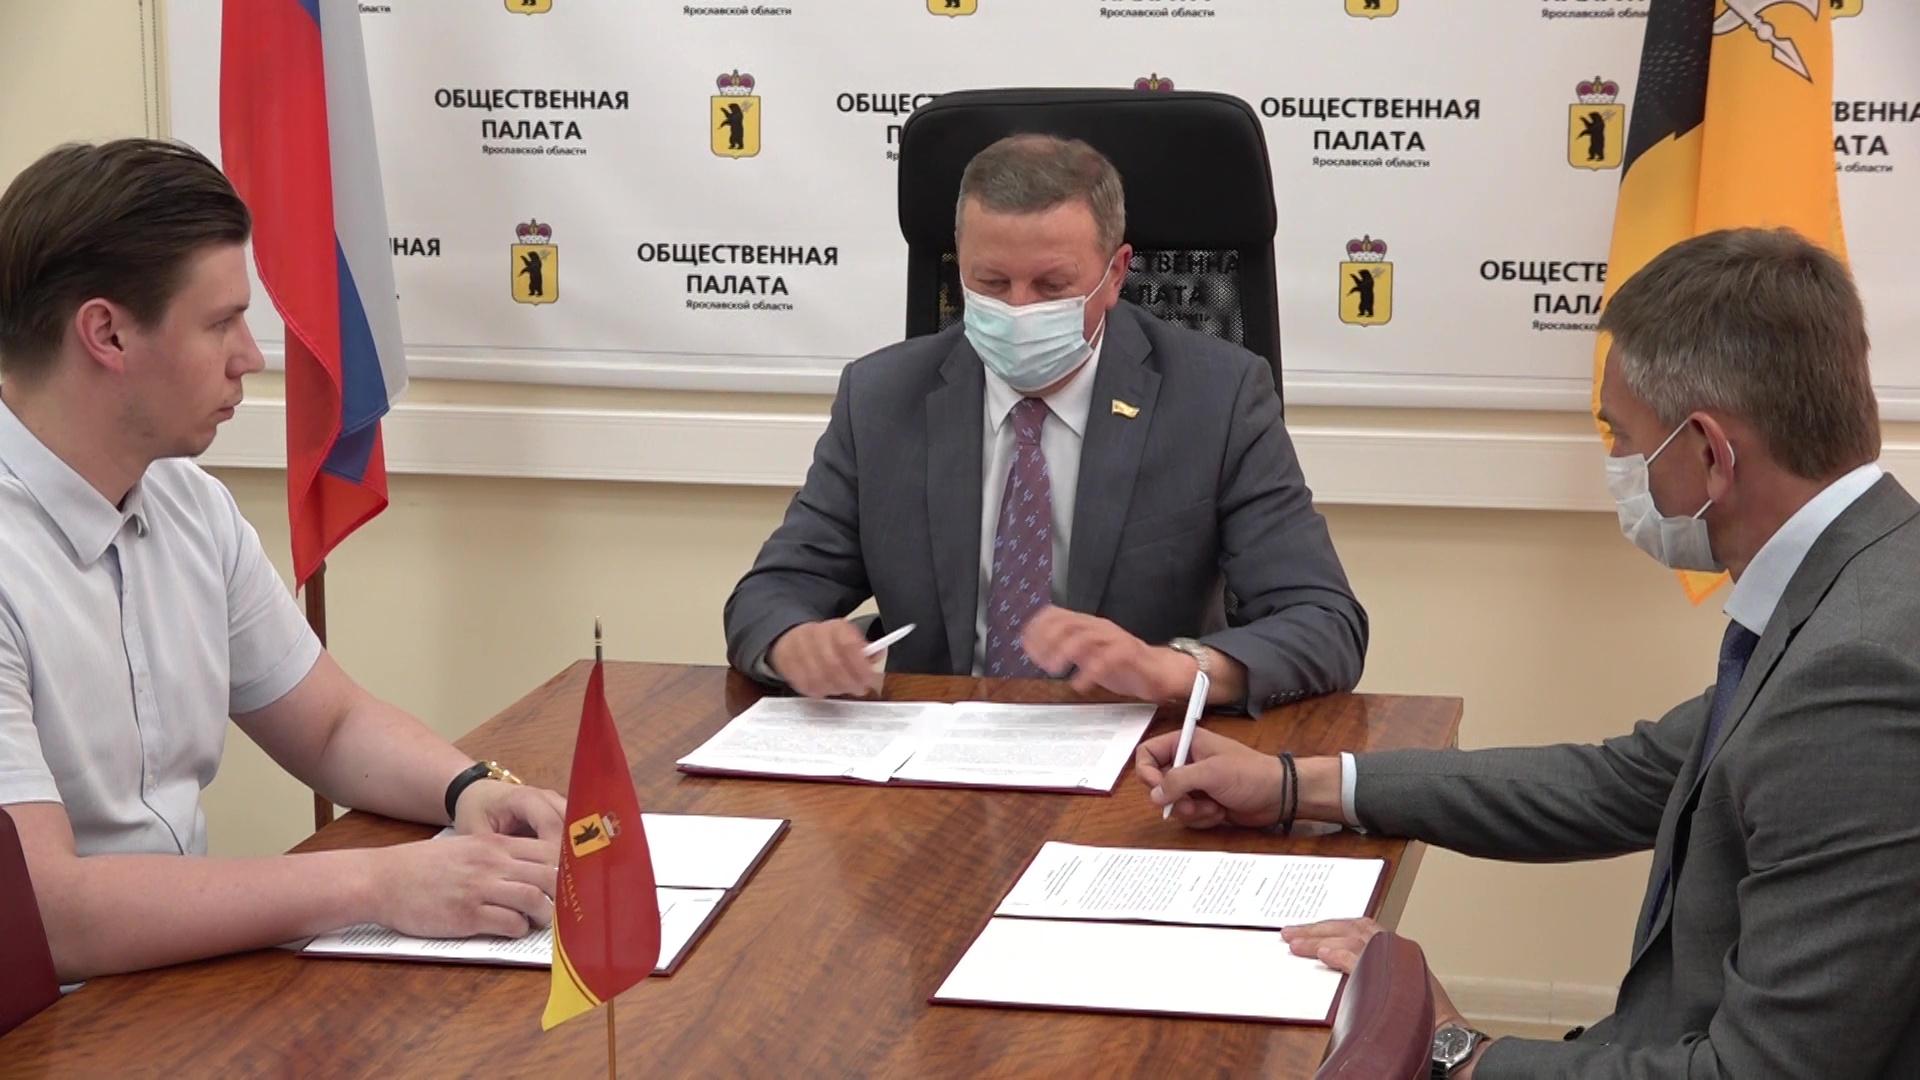 Общественная палата заключила соглашения с НКО для организации голосования по поправкам в Конституцию